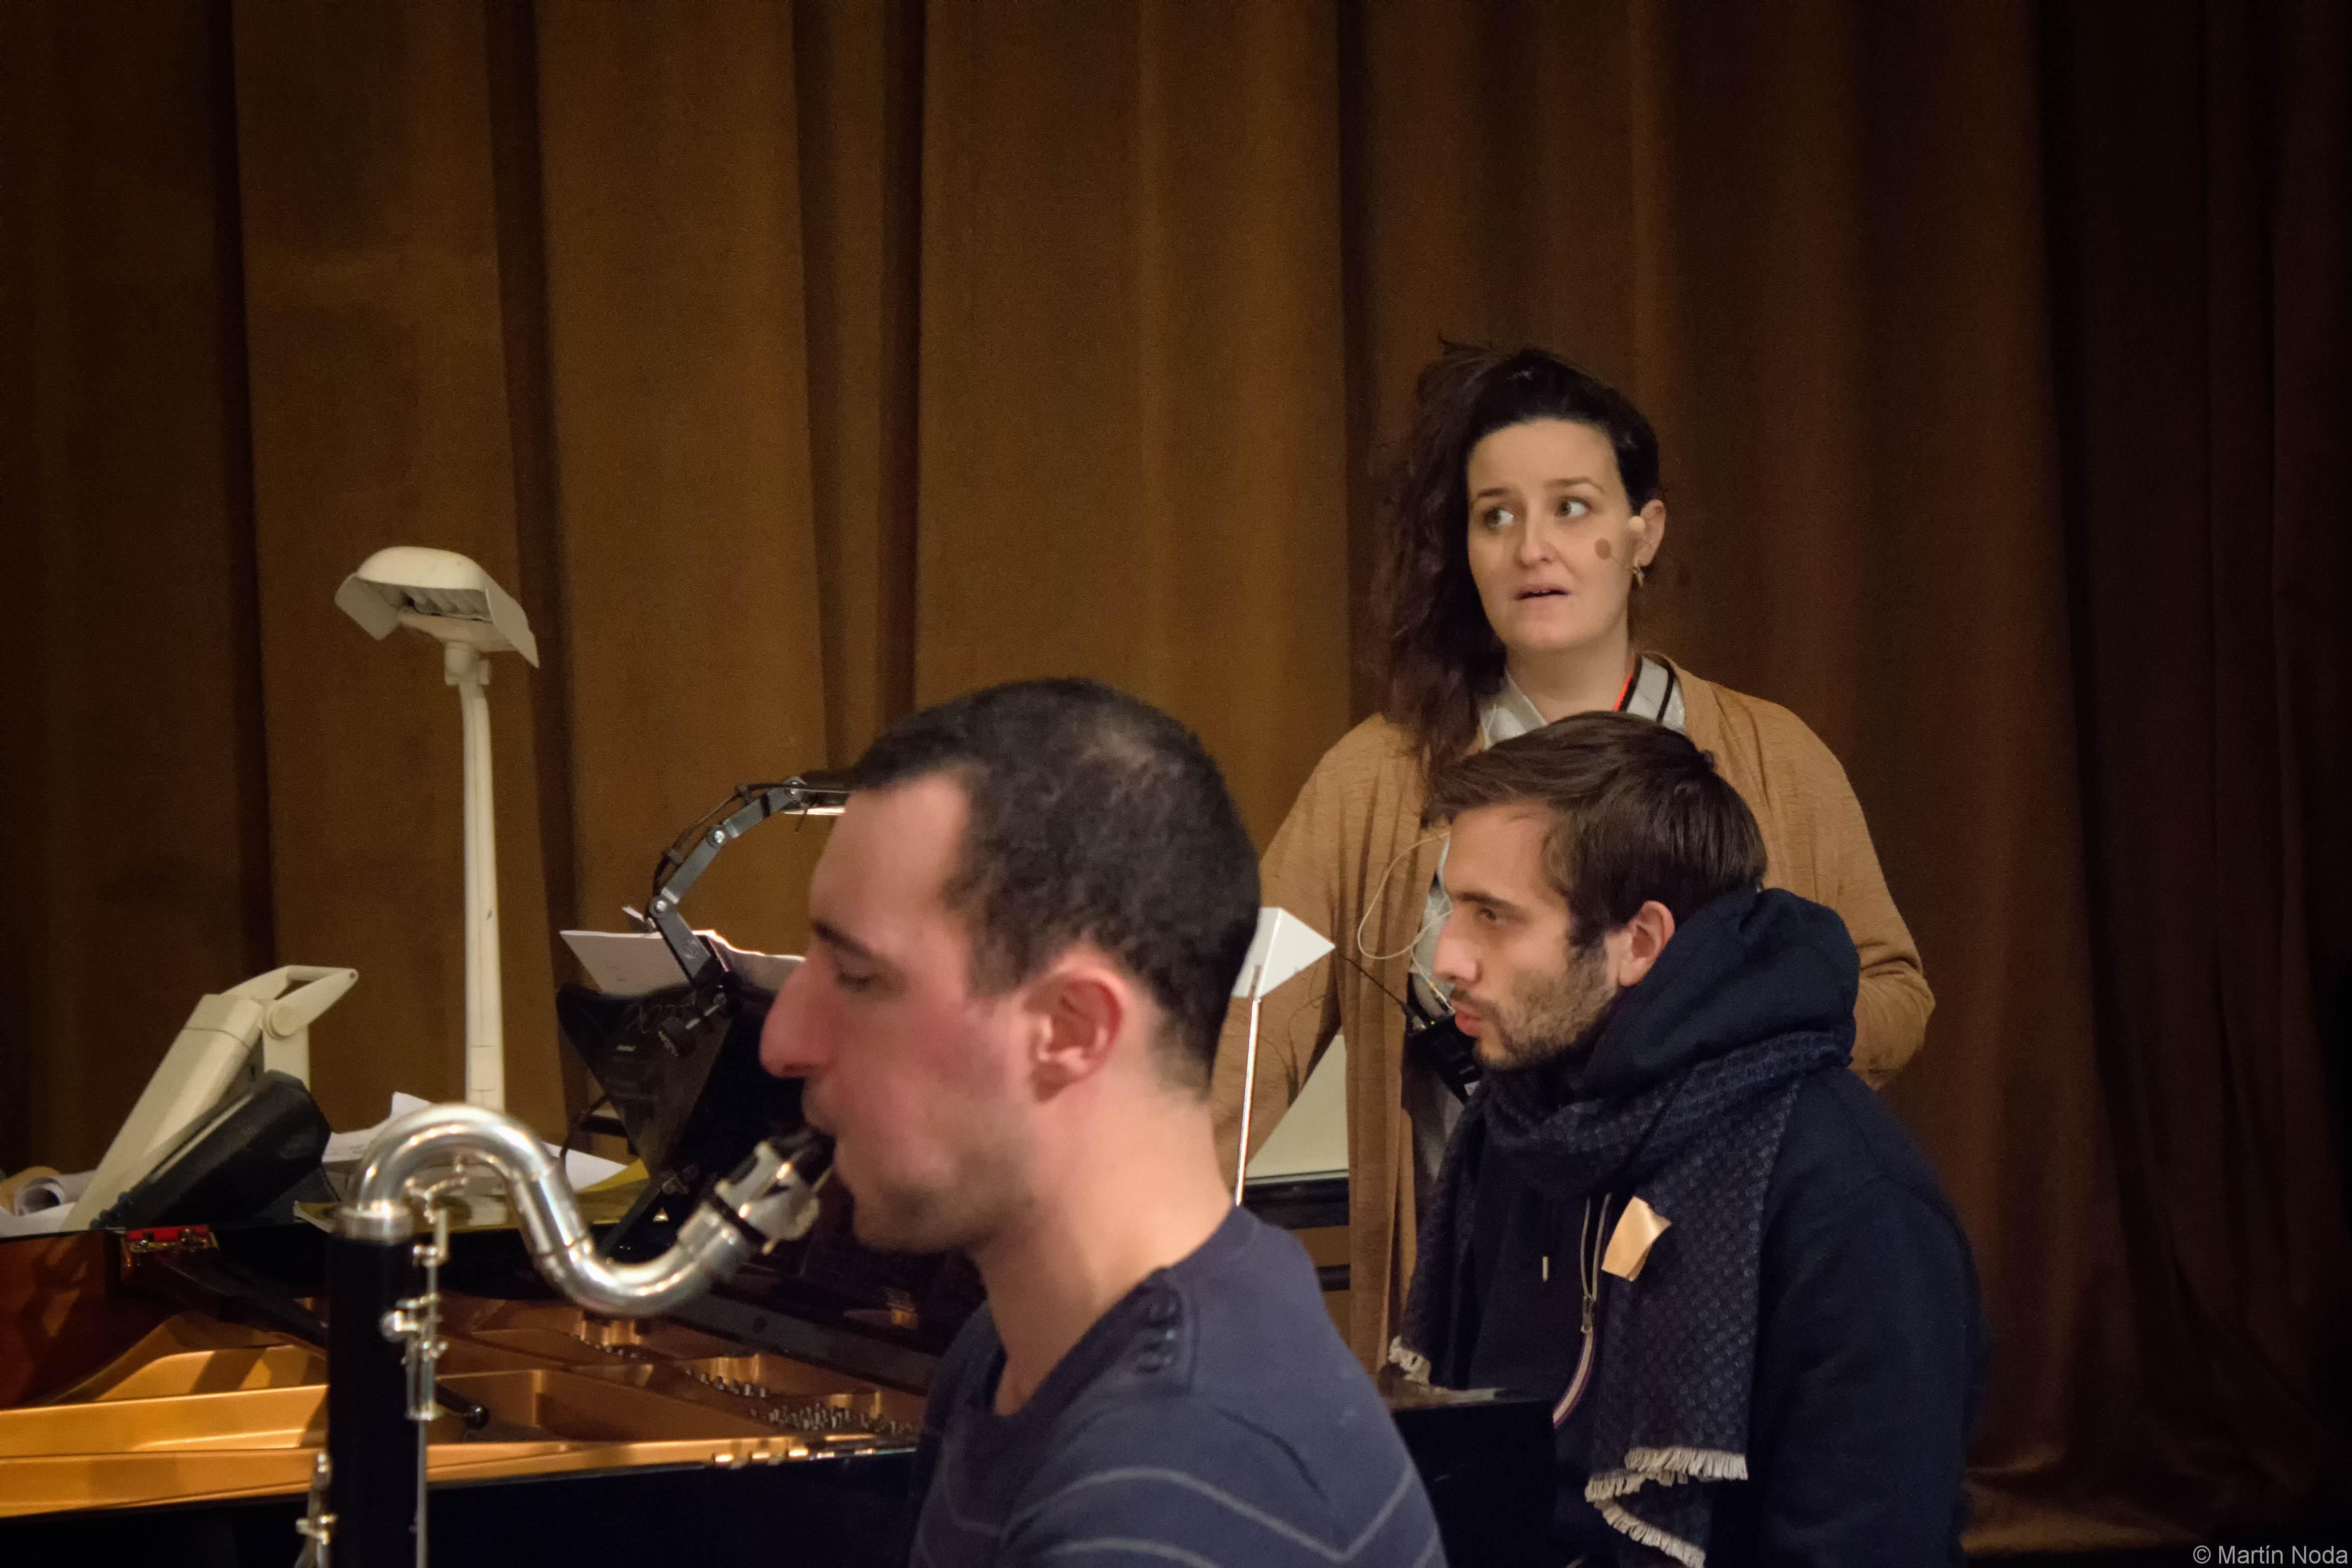 Répétitions, Antoine Cambrouzzi, Romain Loouveau et Marie Soubestre